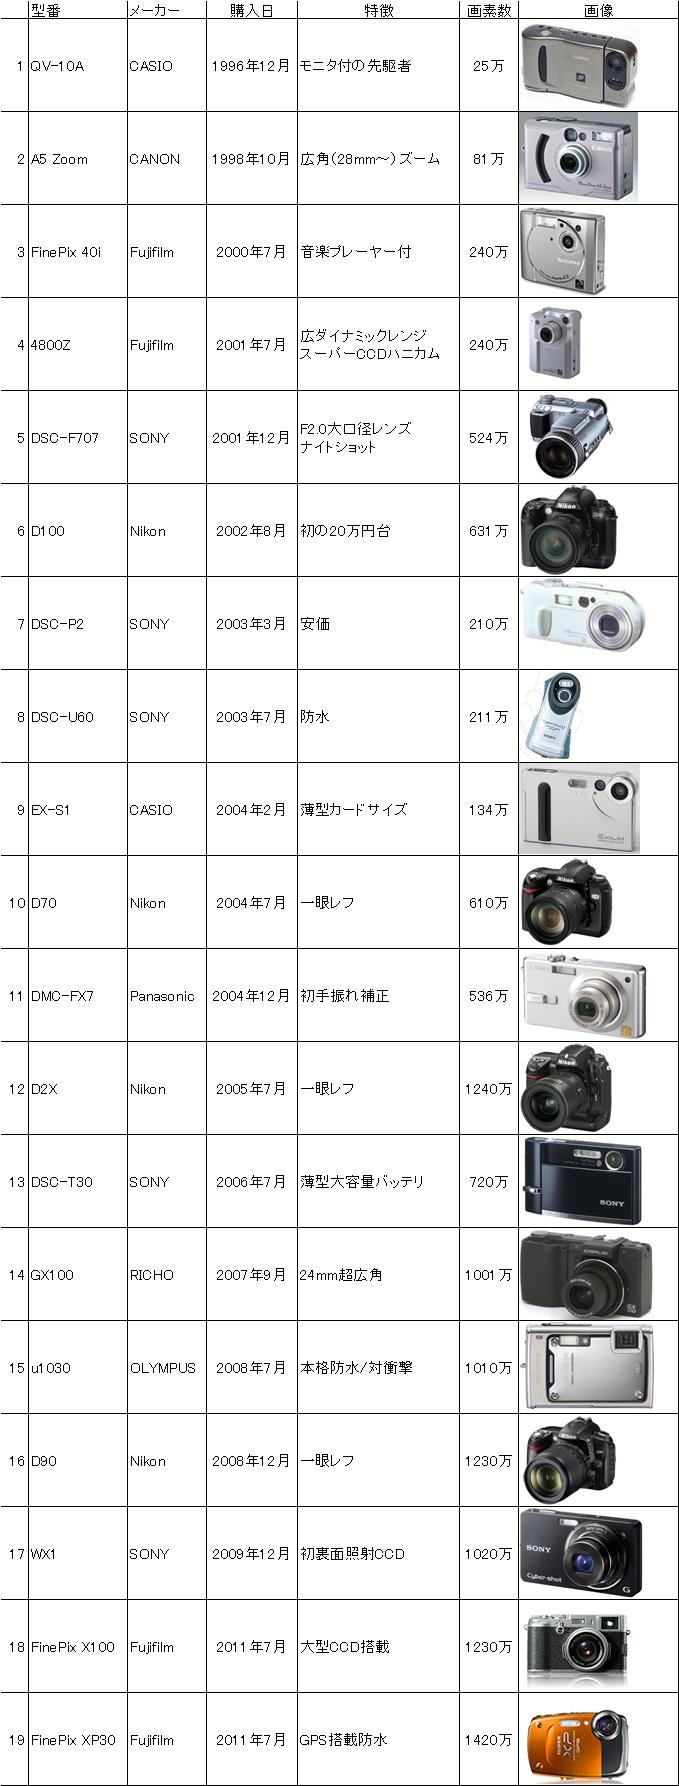 digitalcamerahistory2011.jpg